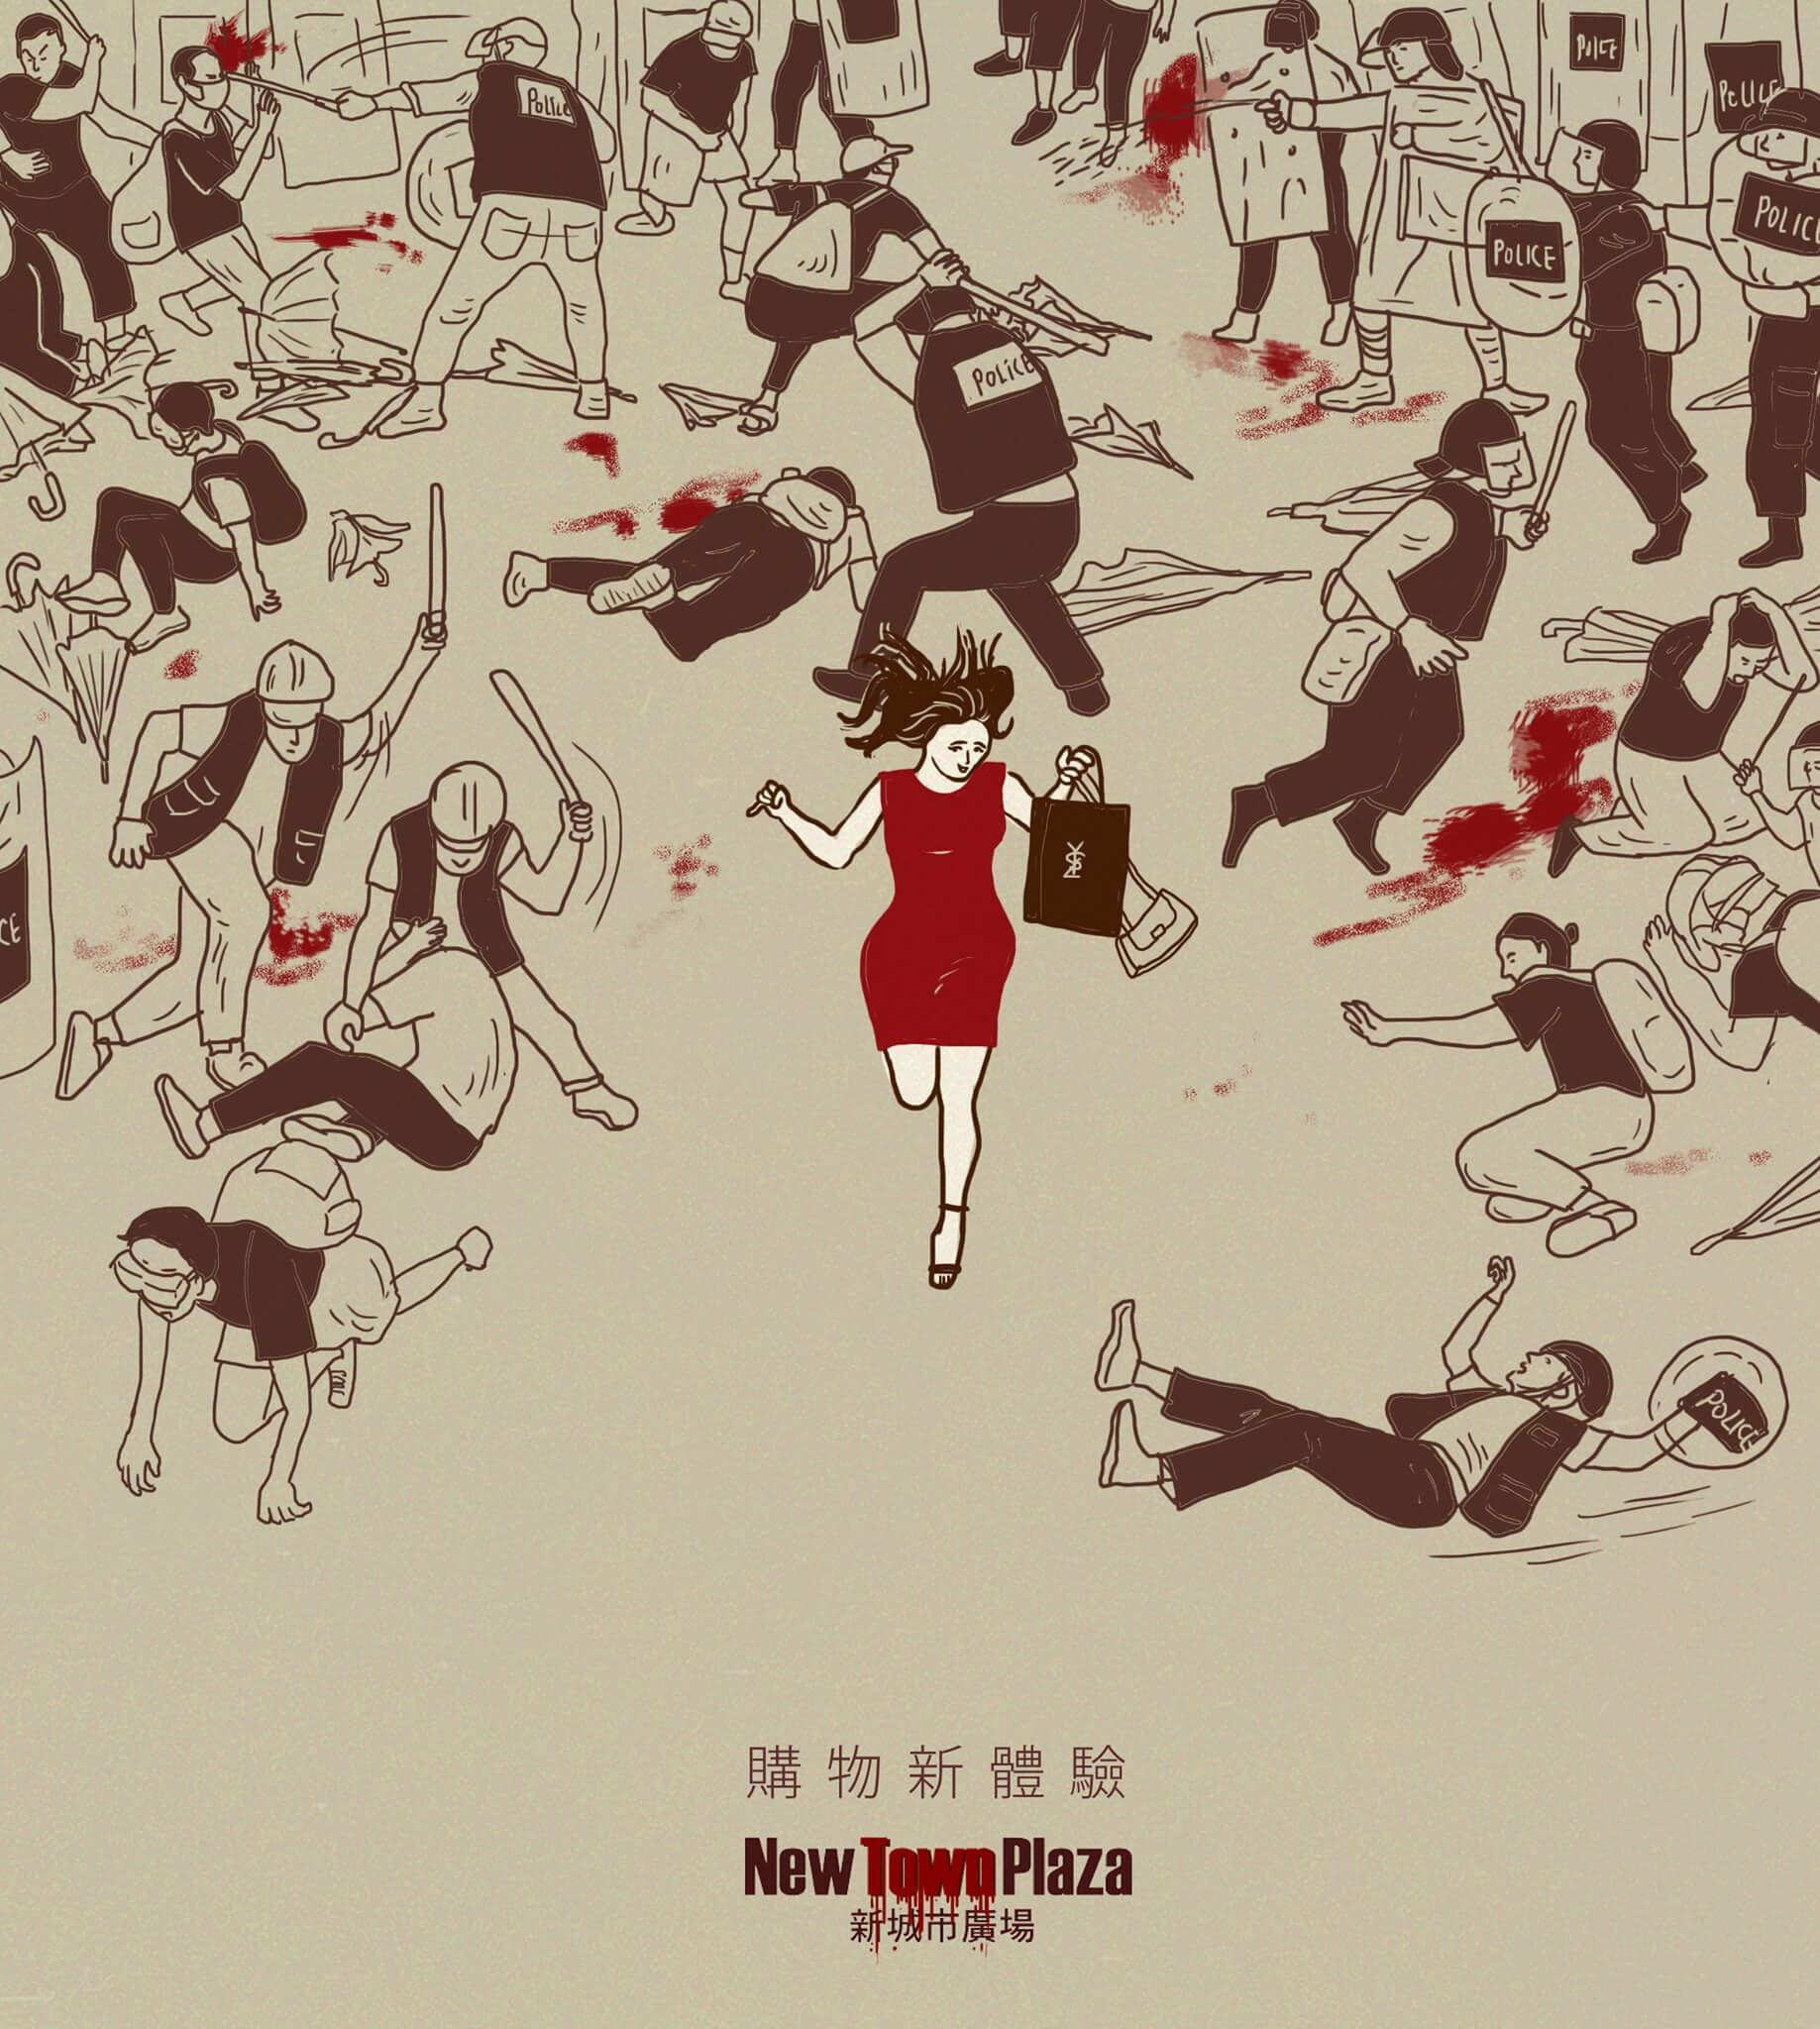 黃照達認為謝曬皮雖然非畫政漫出身,但觸覺敏銳,畫出7.14新城市廣場女士血拚與防暴警察圍捕,諷刺強烈。(創作人:謝曬皮)